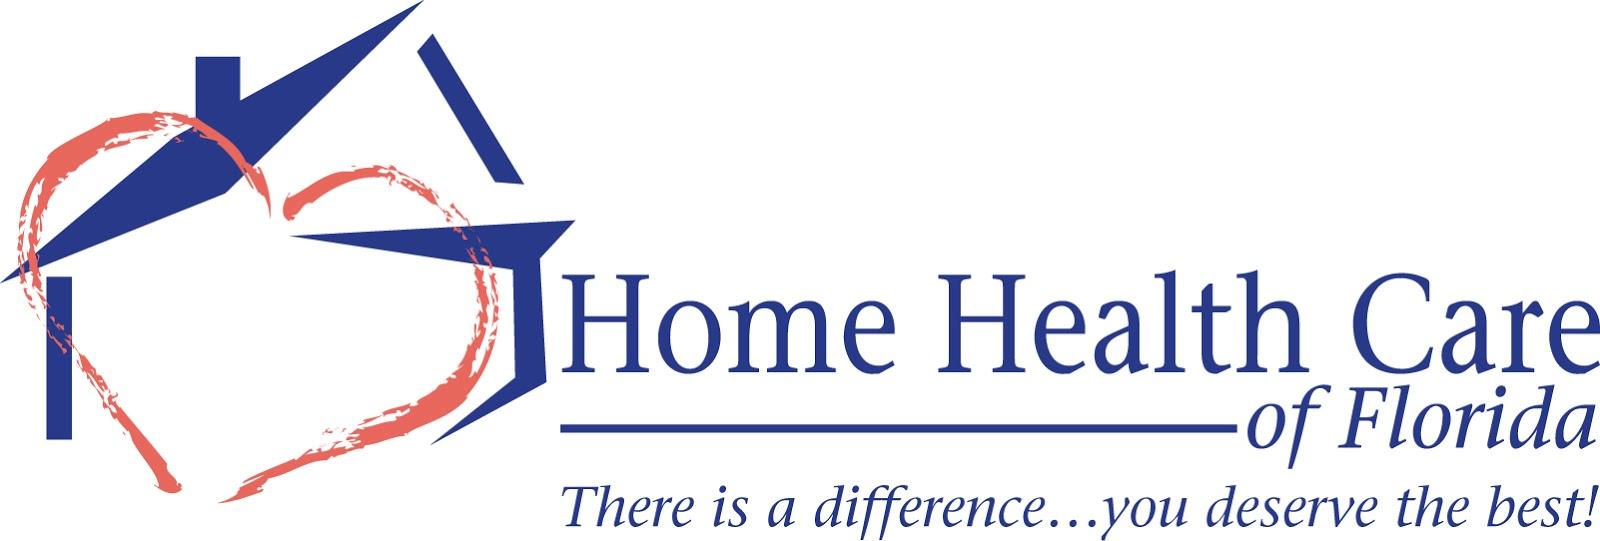 Artistic detail designs - Home health care logo design ...